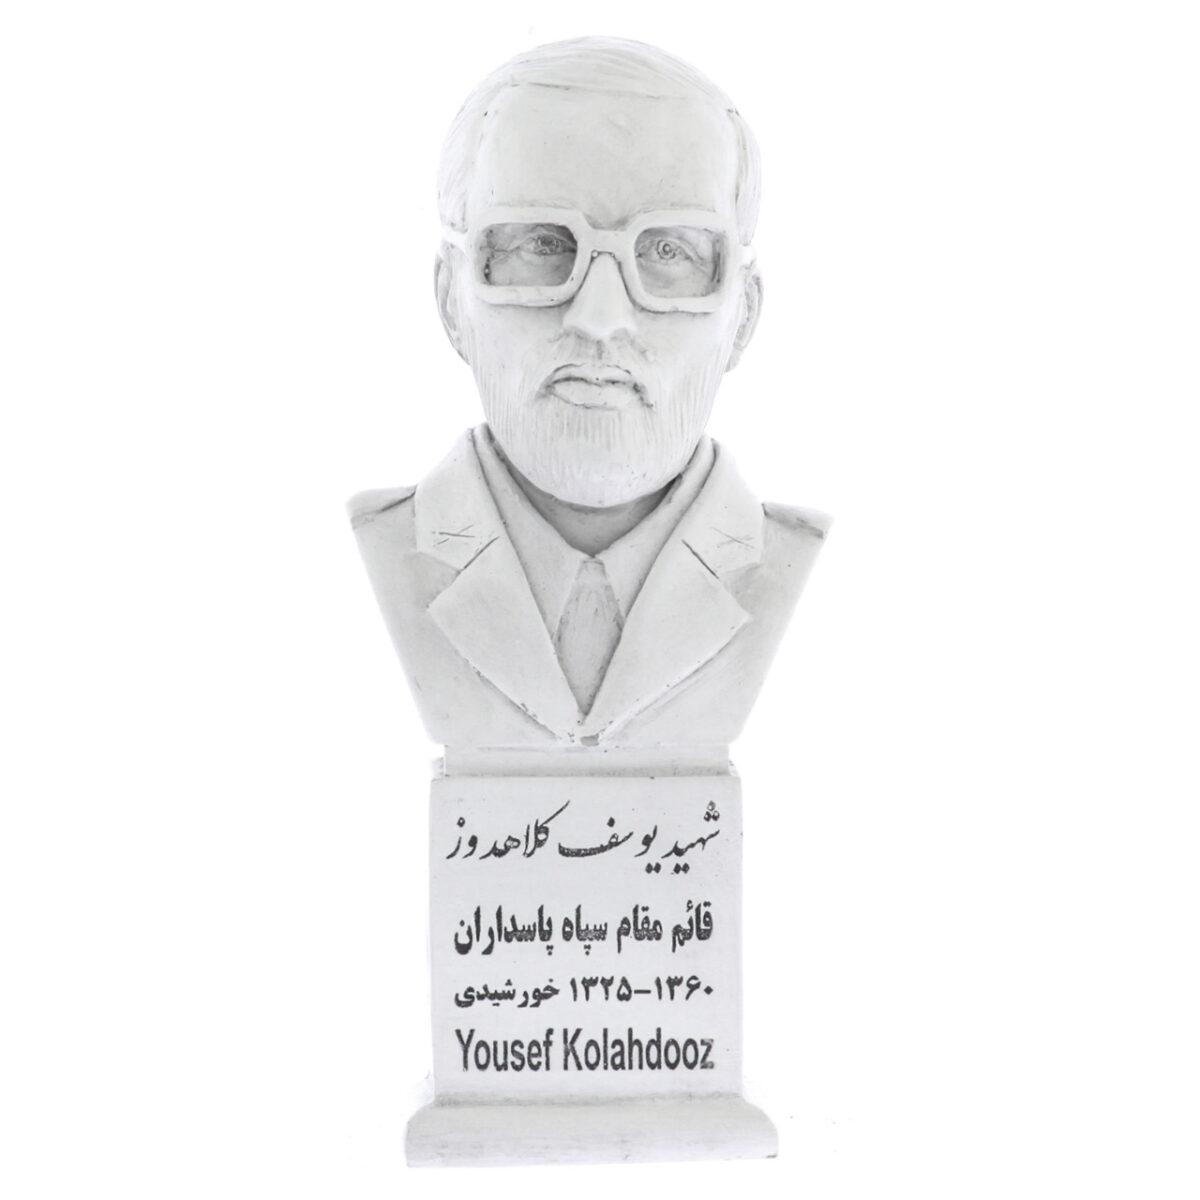 kolahdooz s 1200x1200 - سردیس شهید یوسف کلاهدوز